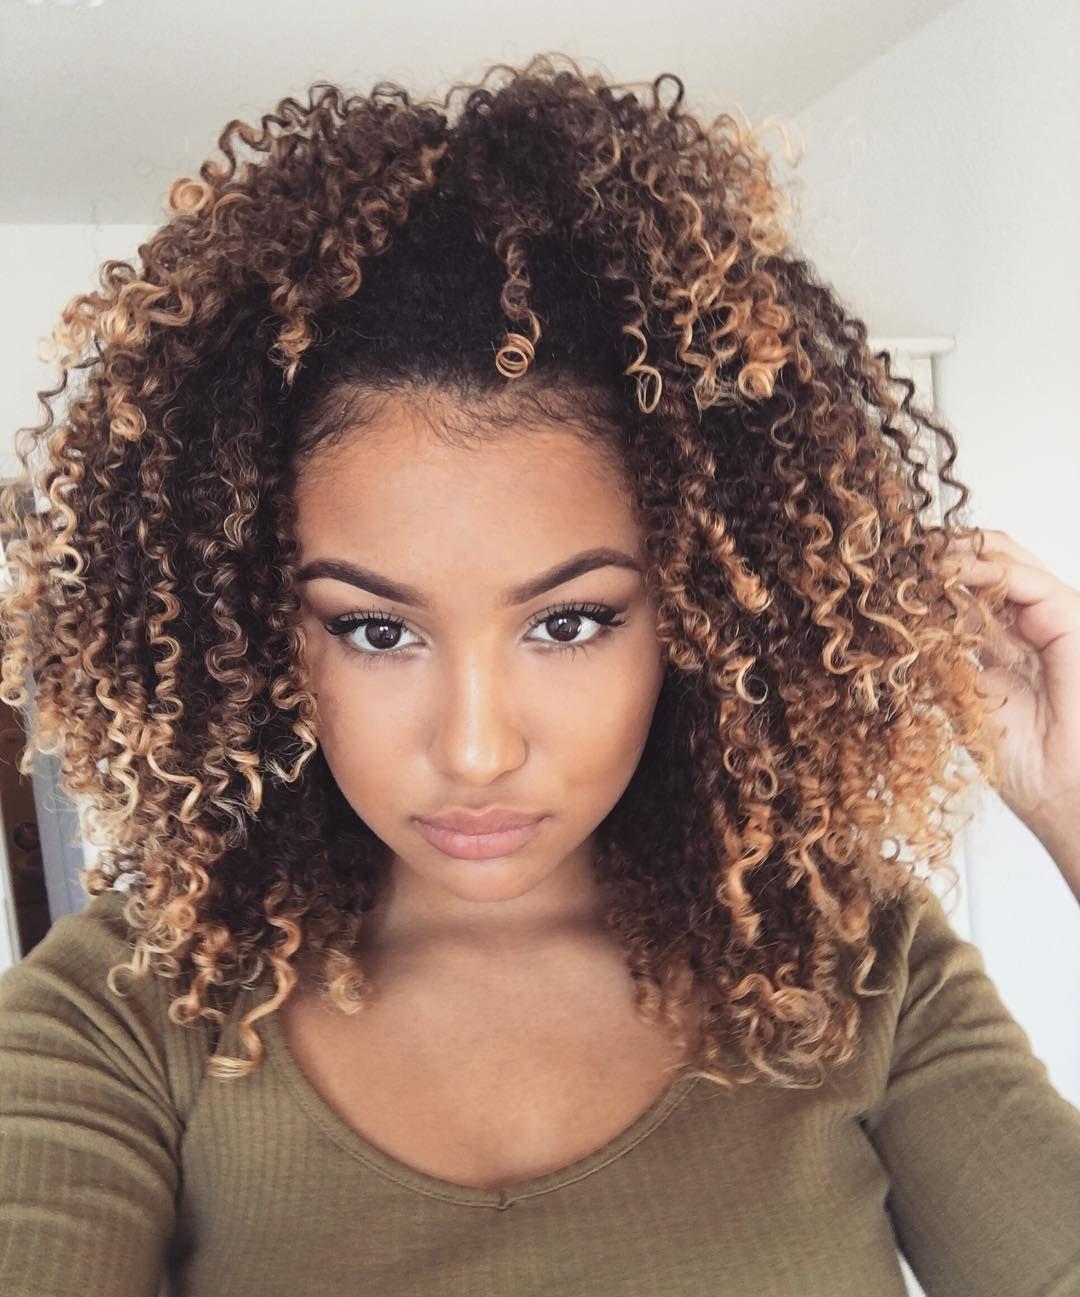 Youtubecqueenkeema hair u makeup inspirations